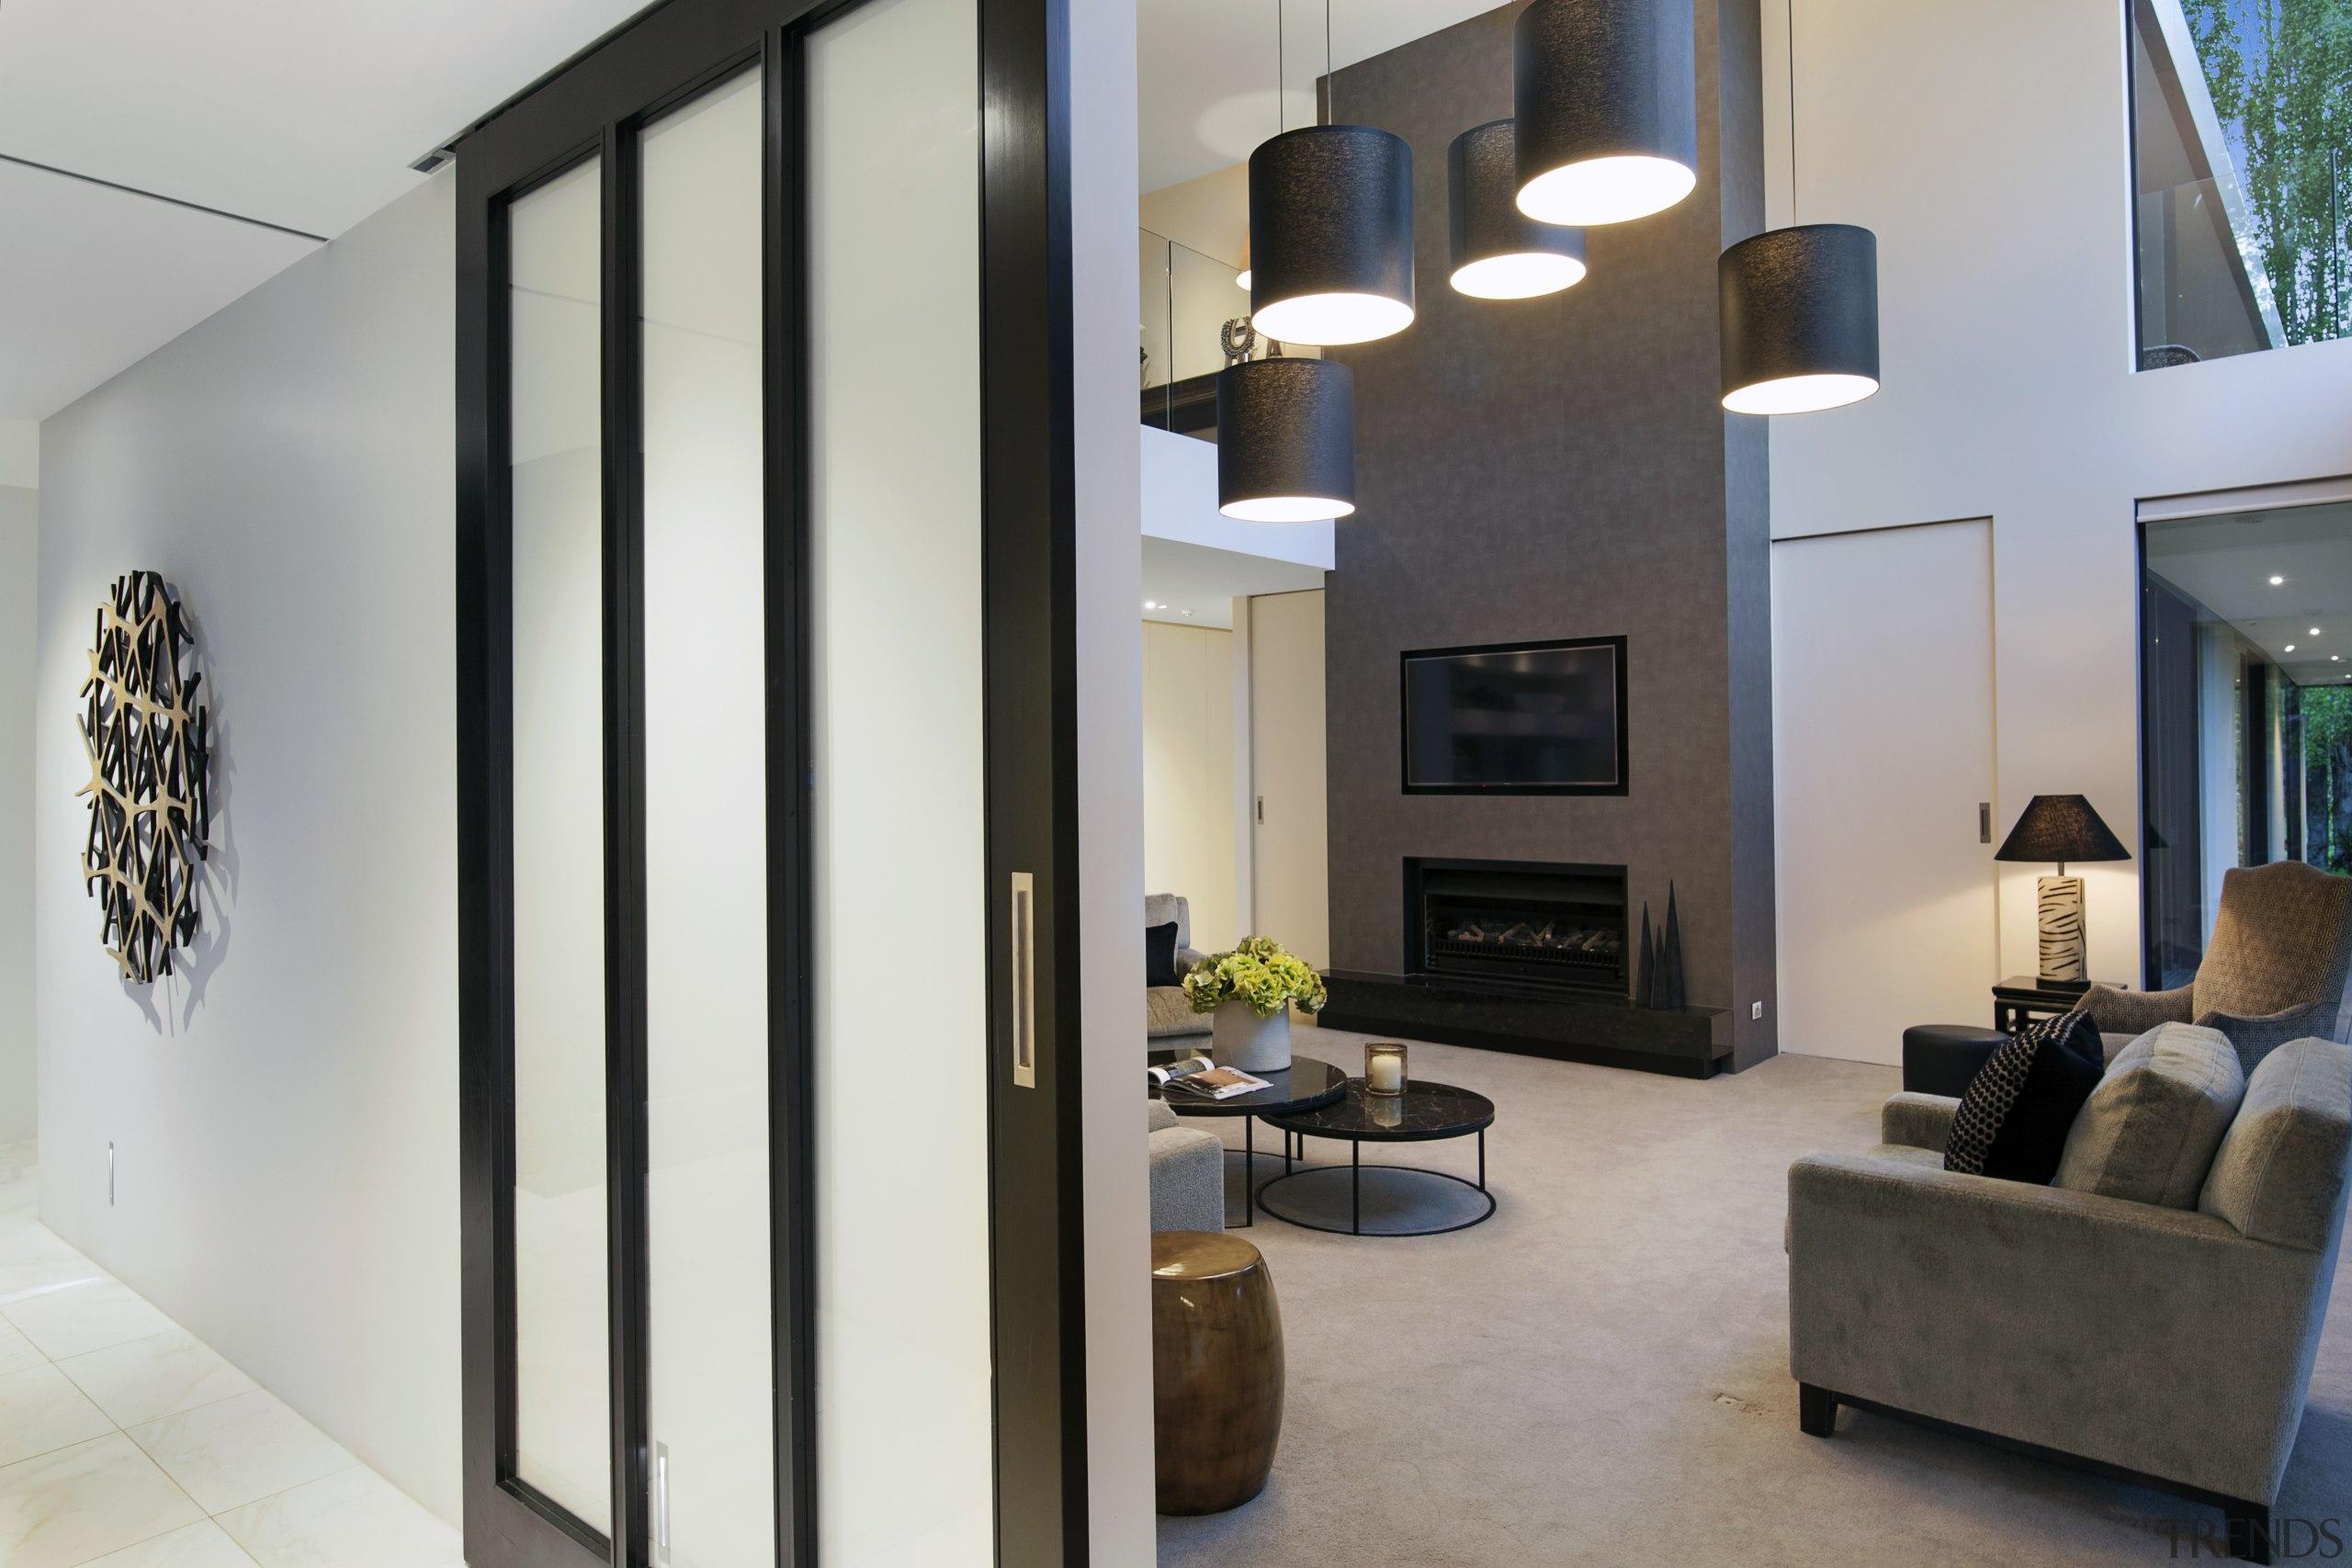 客厅采用了多光源照明,无论是吊灯还是台灯,设计上都颇具现代感。 floor, interior design, living room, gray, black